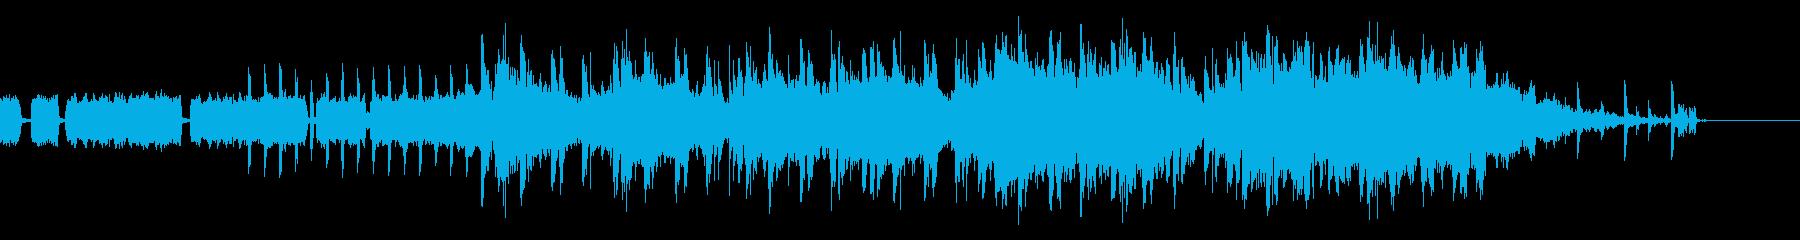 ロック最高の再生済みの波形